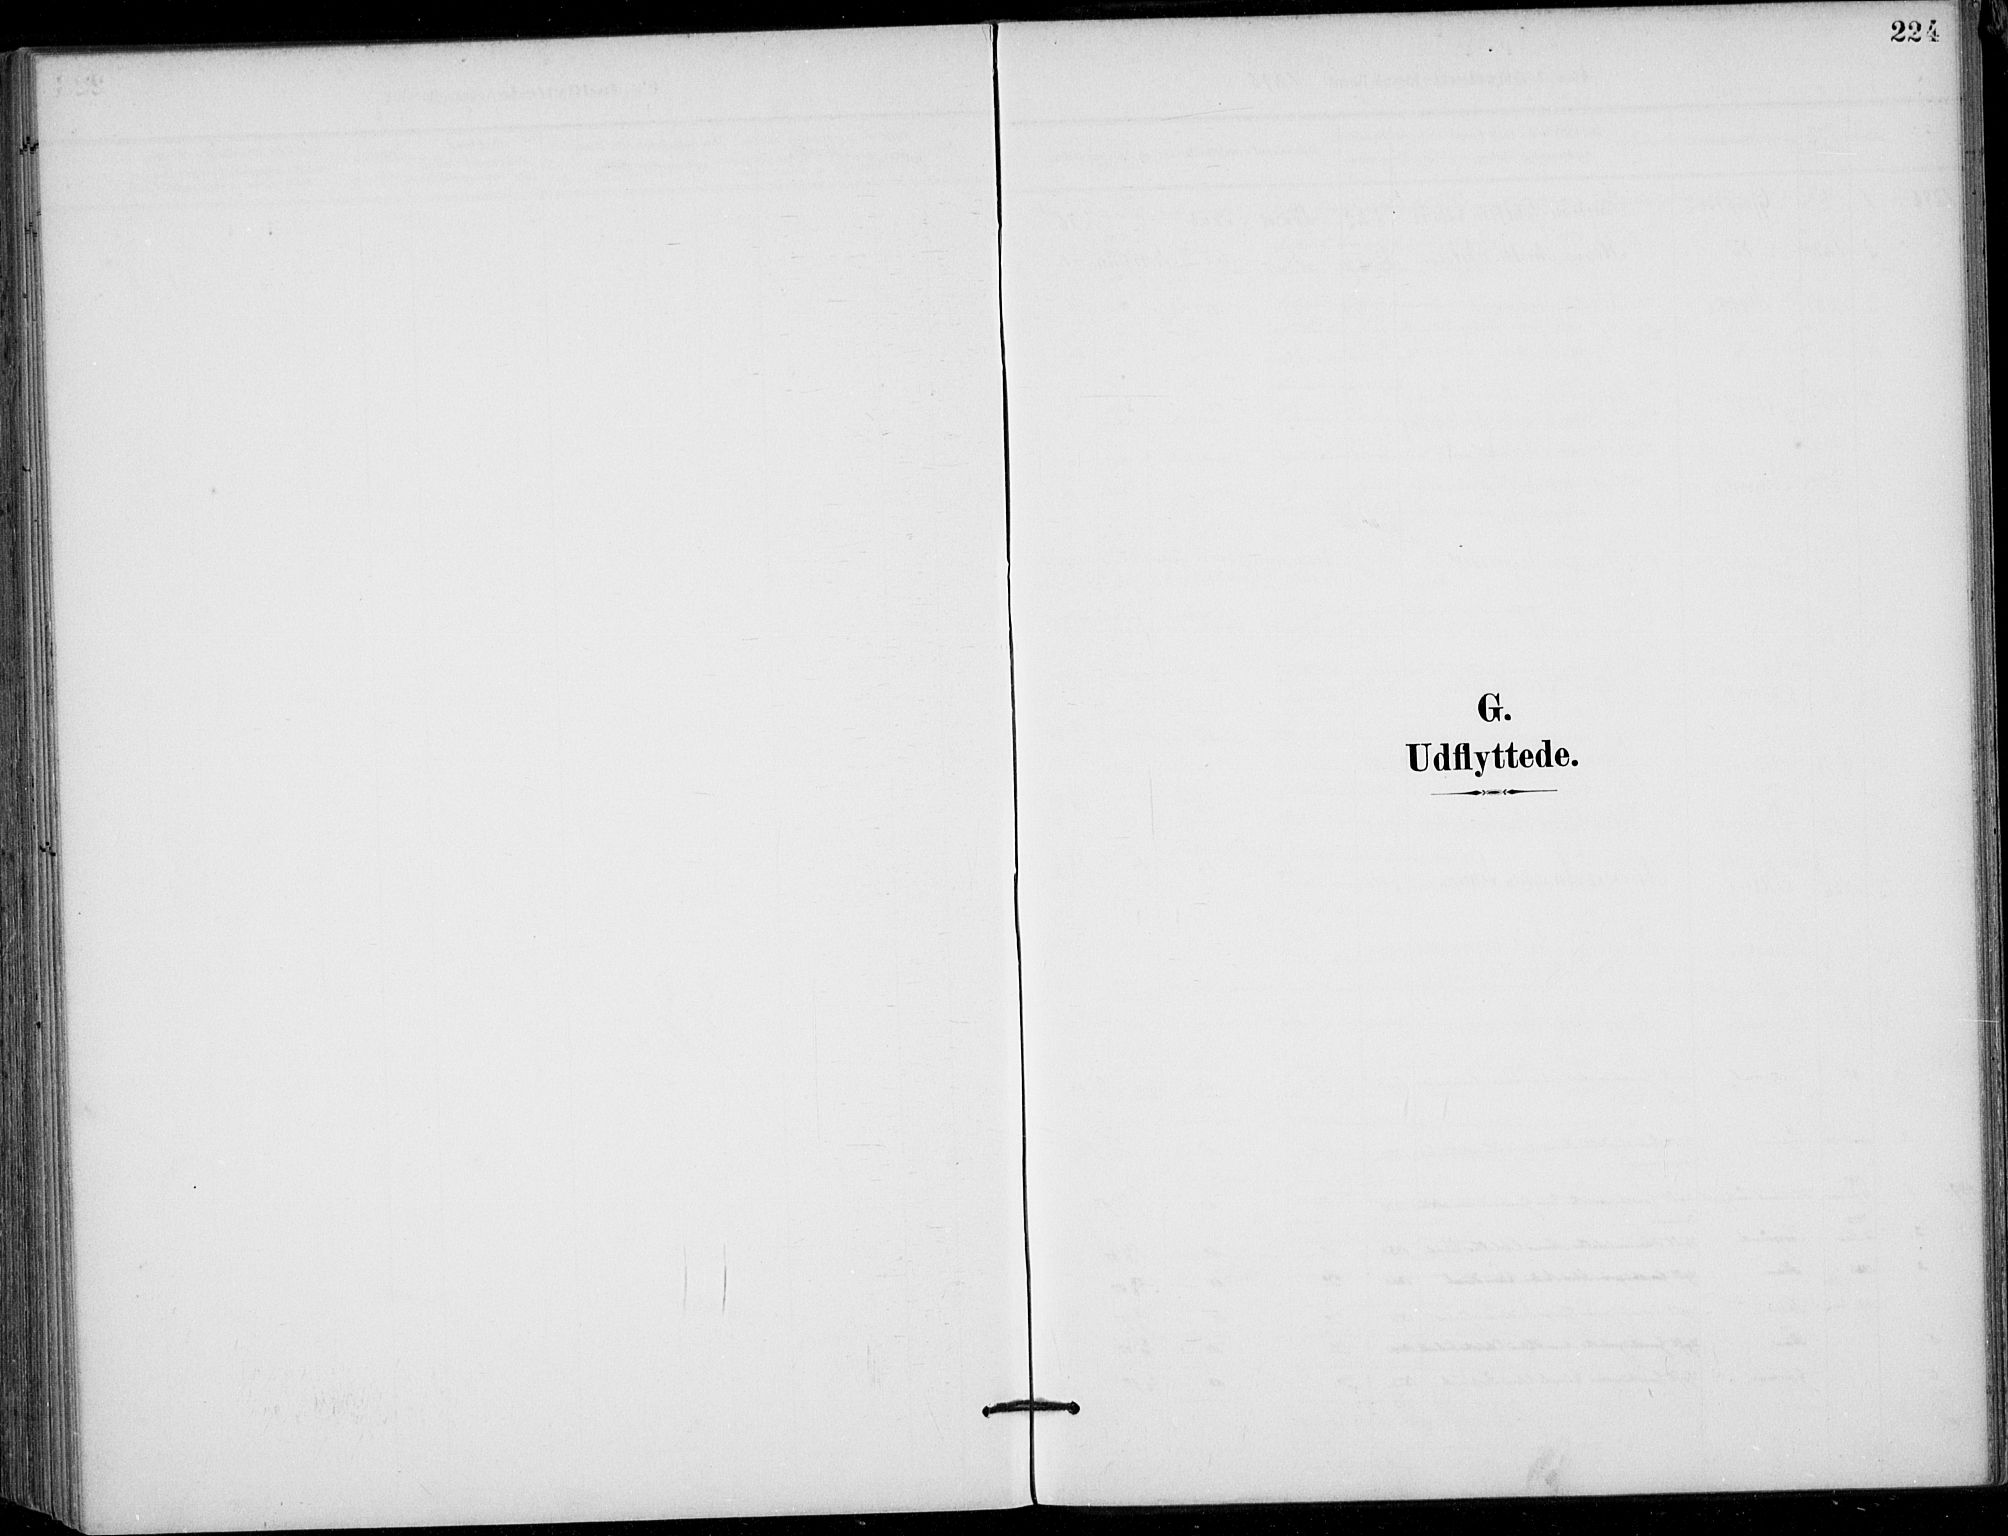 SAKO, Siljan kirkebøker, F/Fa/L0003: Ministerialbok nr. 3, 1896-1910, s. 224